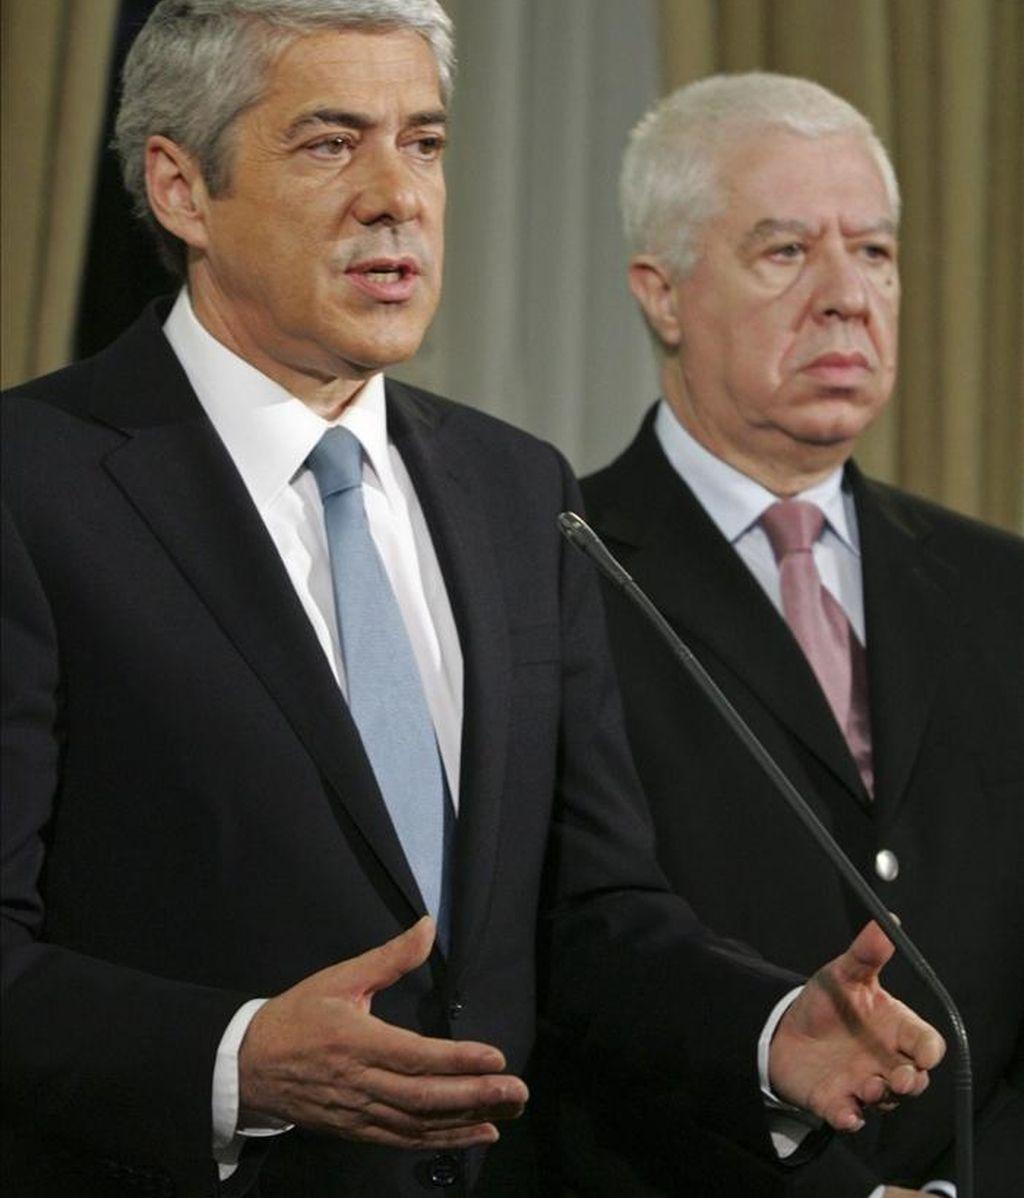 El primer ministro de Portugal, José Sócrates (i), y el ministro de Finanzas, Teixeira dos Santos (d), ayer durante una rueda de prensa en Lisboa (Portugal). EFE